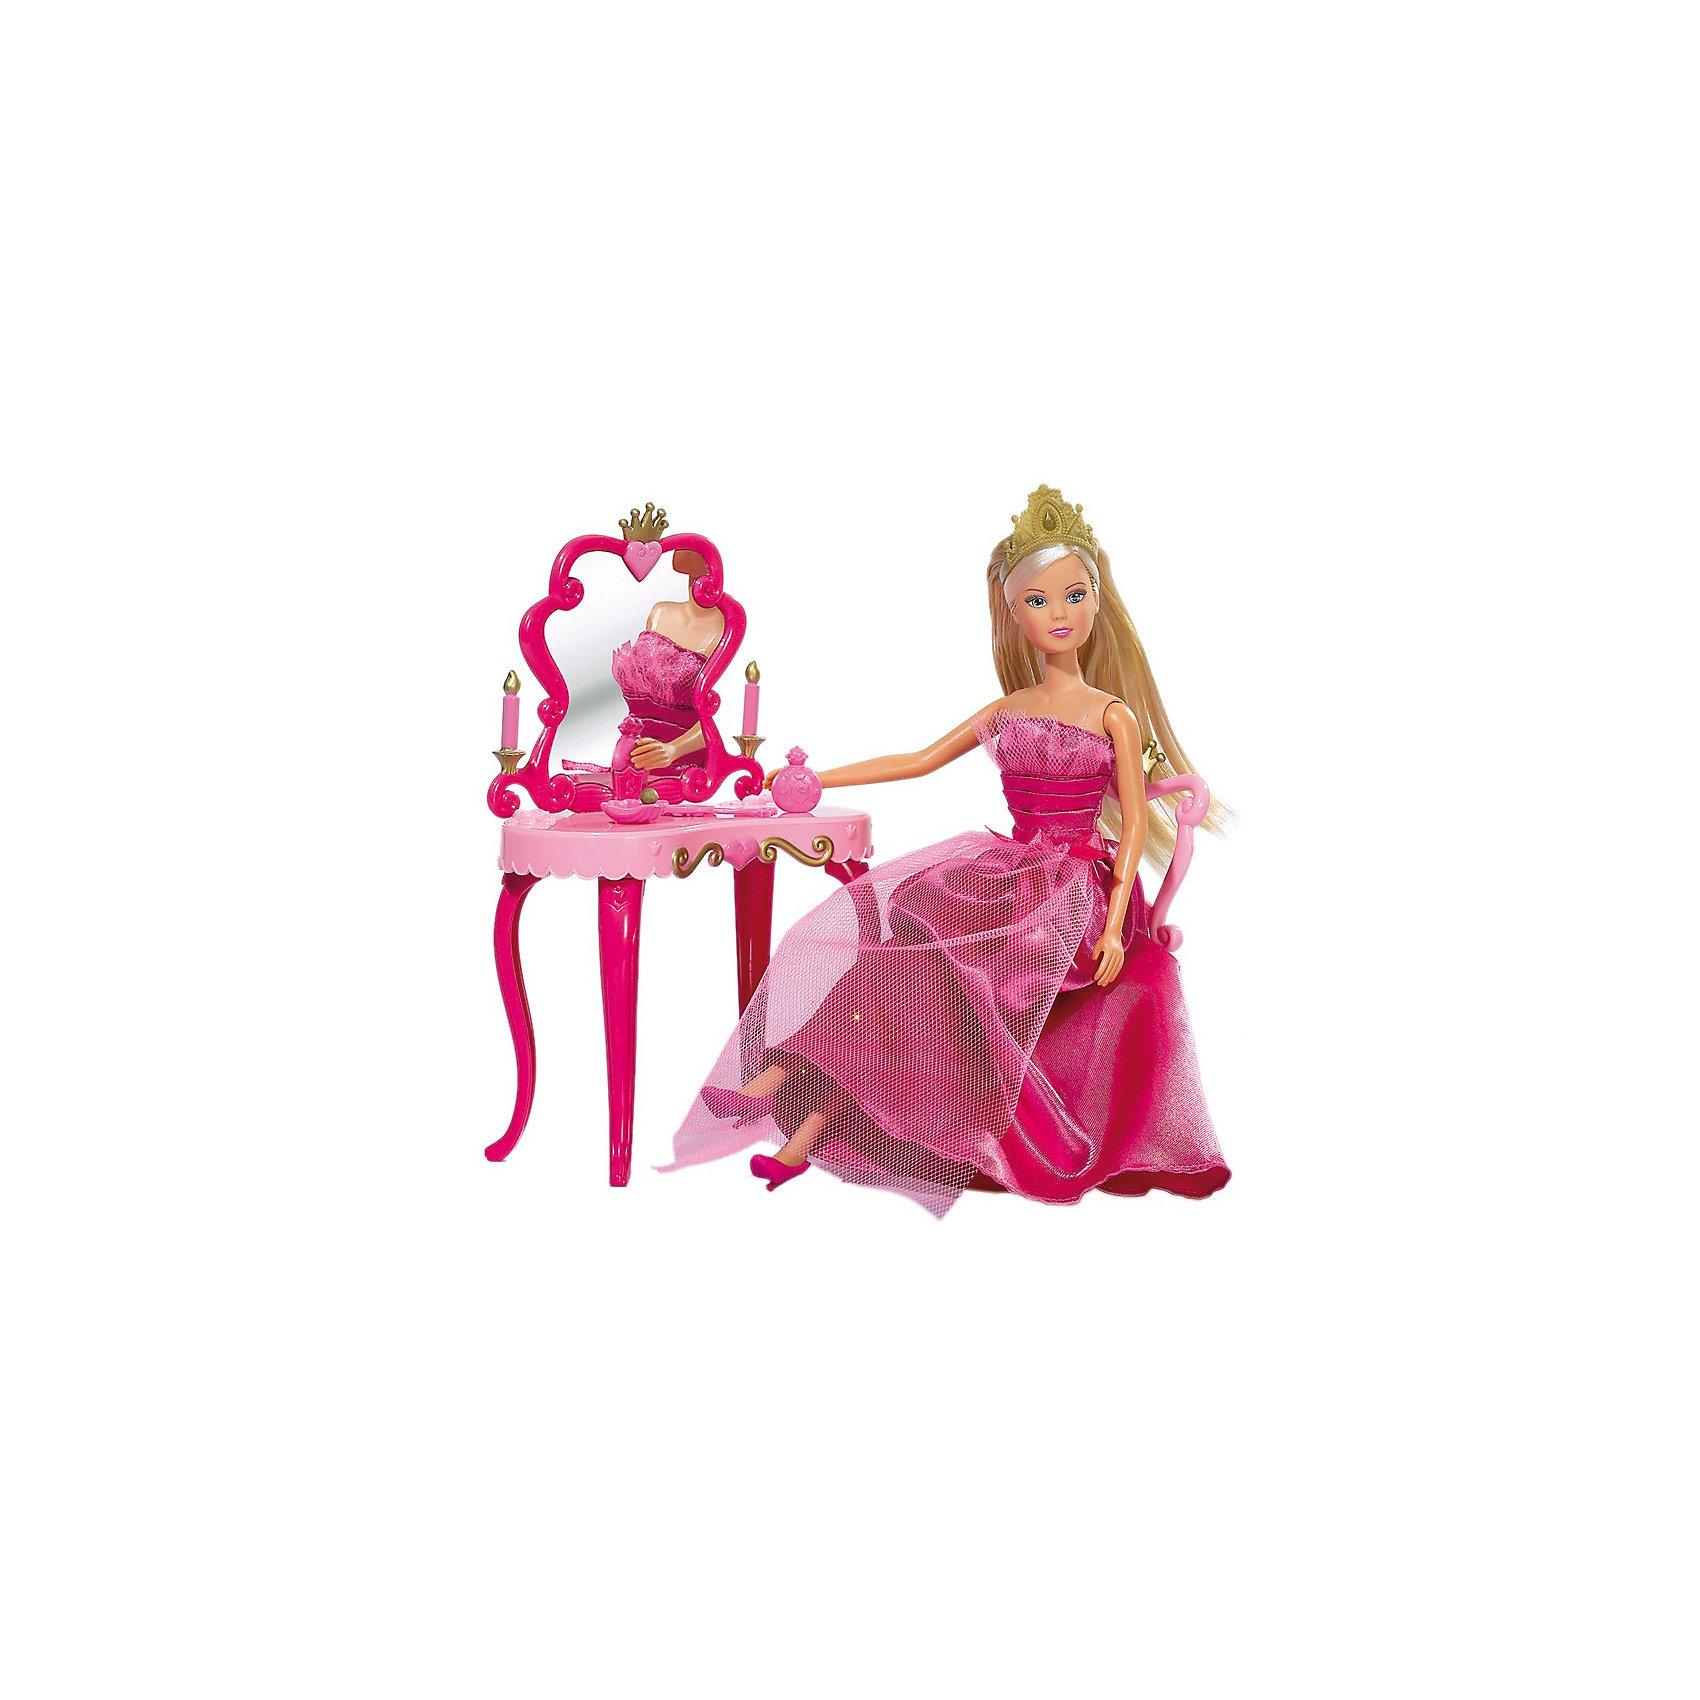 Кукла Штеффи-принцесса + столик, SimbaКуклы-модели<br>Характеристики:<br><br>• в комплекте: кукла, стул, стол, одежда, аксессуары;<br>• руки и ноги подвижны;<br>• можно расчесывать;<br>• высота куклы: 29 см;<br>• материал: пластик, ПВХ, полиэстер, текстиль;<br>• размер упаковки: 33х27х11 см;<br>• вес: 490 грамм.<br><br>Кукла Штеффи выглядит как настоящая принцесса. Он одета в пышное розовое платье с бантом, розовые туфельки, а голову украшает золотистая диадема.<br><br>Каждой принцессе необходима изысканная мебель, подчеркивающая королевский стиль. В комплект входит роскошный туалетный столик со стулом, достойные внимания принцессы Штеффи.<br><br>Руки и ноги куклы подвижны, волосы можно расчесывать и укладывать в прическу. Девочка сможет придумать интересные сказочные сюжеты из жизни принцесс или подготовить Штеффи к королевскому балу.<br><br>Игра с такой куклой способствует развитию, фантазии, воображения, а также стимулирует интерес к сюжетно-ролевым играм.<br><br>Куклу Штеффи-принцесса + столик, Simba (Симба) можно купить в нашем интернет-магазине.<br><br>Ширина мм: 329<br>Глубина мм: 274<br>Высота мм: 111<br>Вес г: 488<br>Возраст от месяцев: 36<br>Возраст до месяцев: 2147483647<br>Пол: Женский<br>Возраст: Детский<br>SKU: 1623595